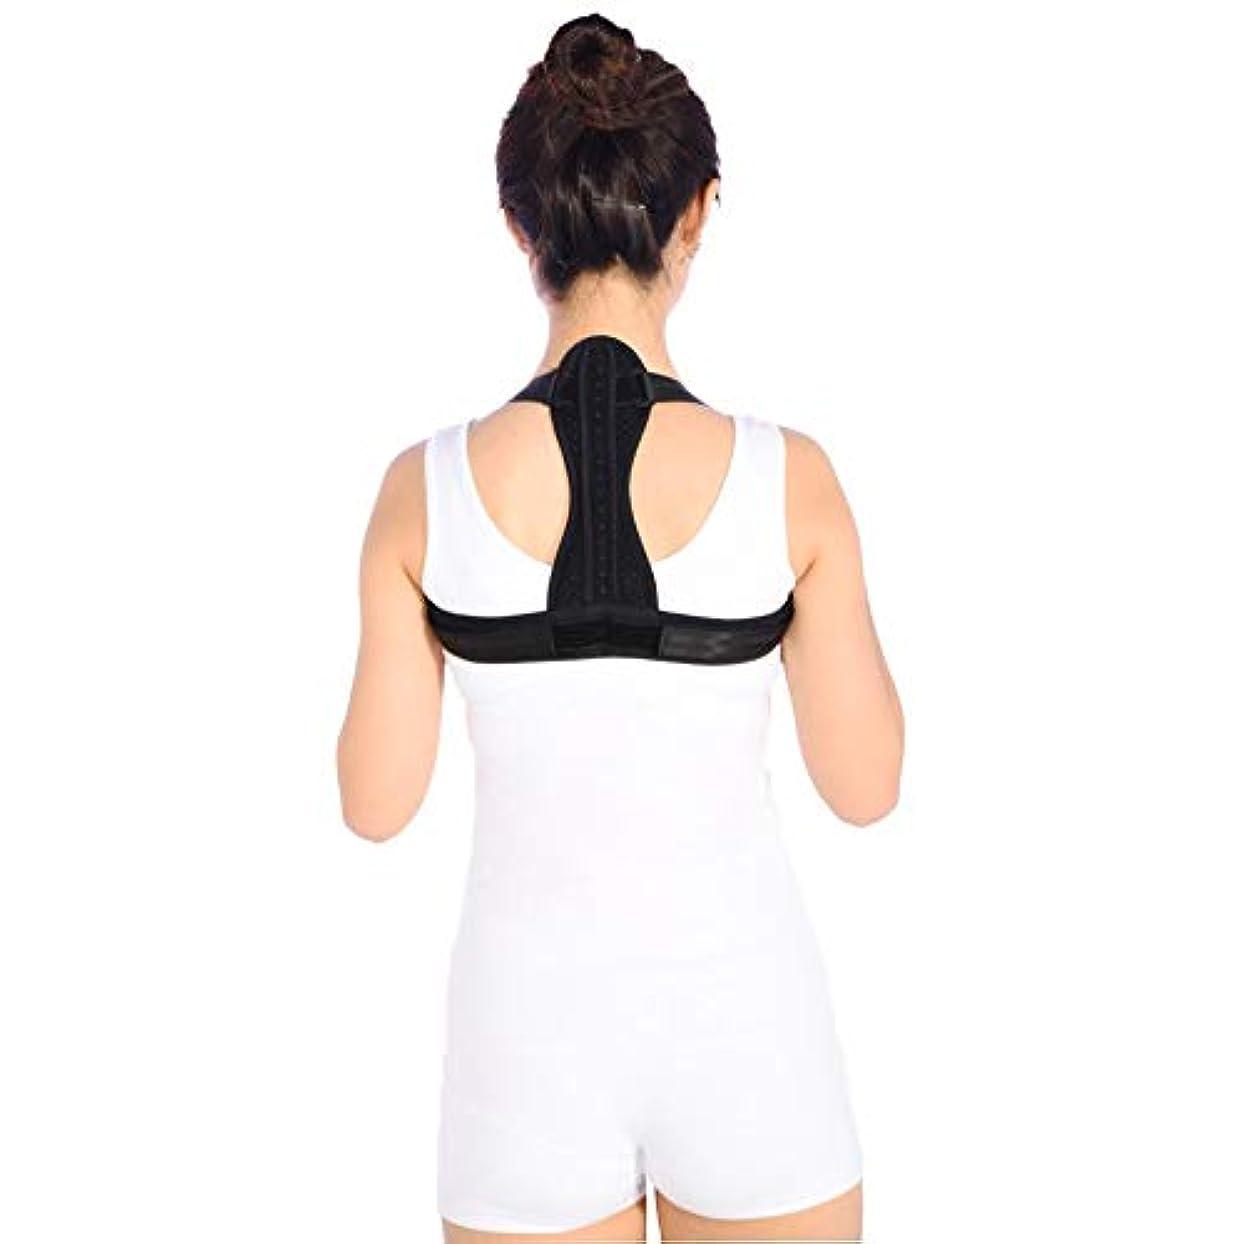 ブラザー準拠回想通気性の脊柱側弯症ザトウクジラ補正ベルト調節可能な快適さ目に見えないベルト男性女性大人学生子供 - 黒